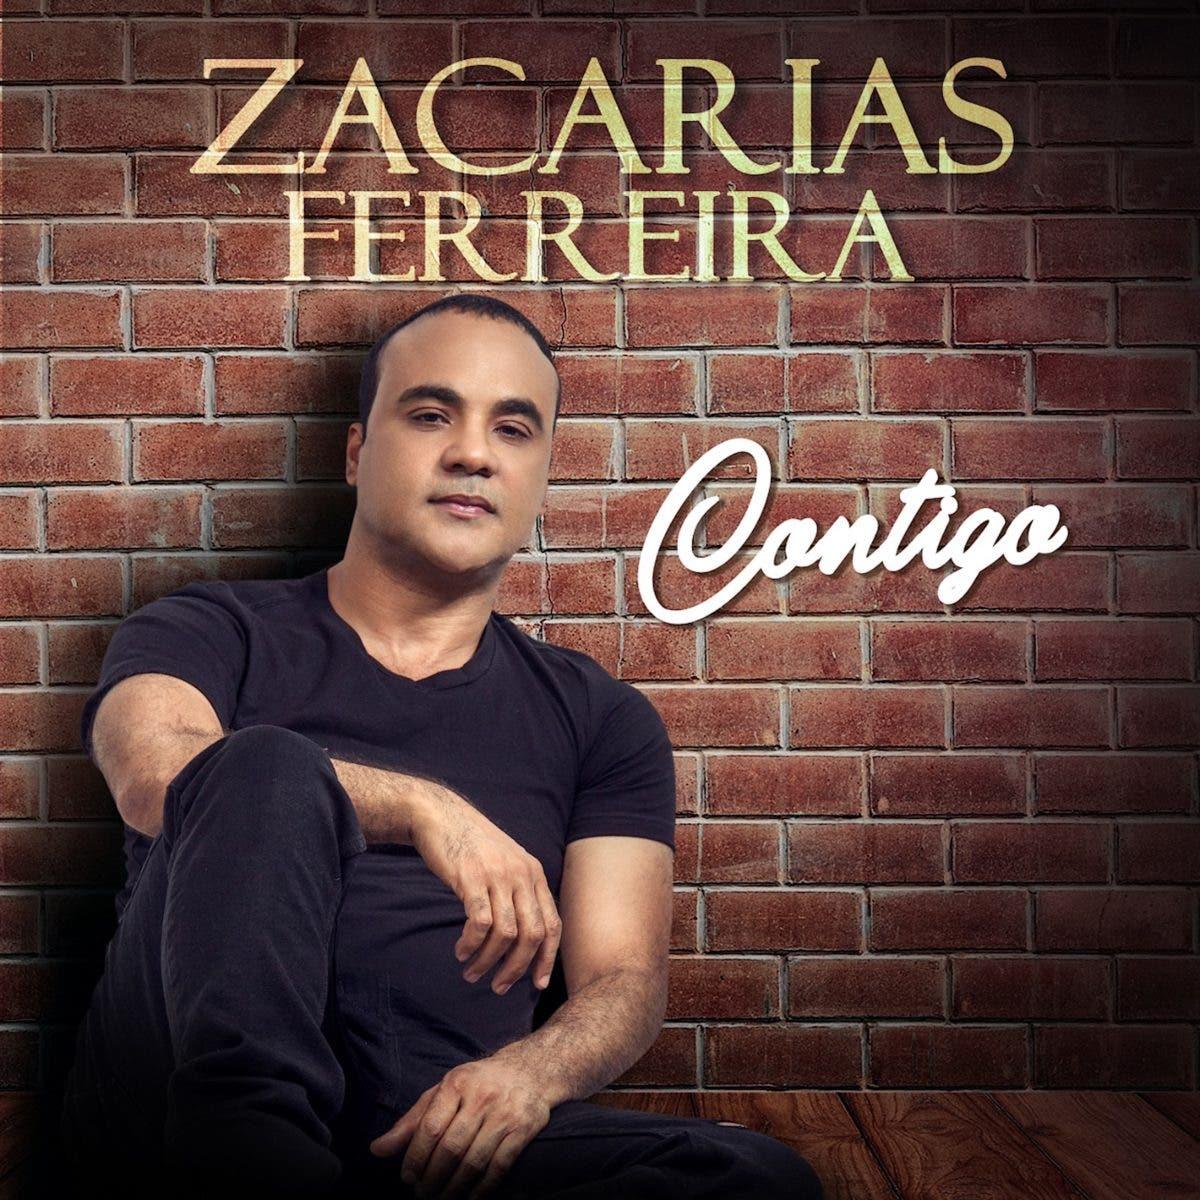 «Contigo», nueva producción discográfica de Zacarías Ferreira